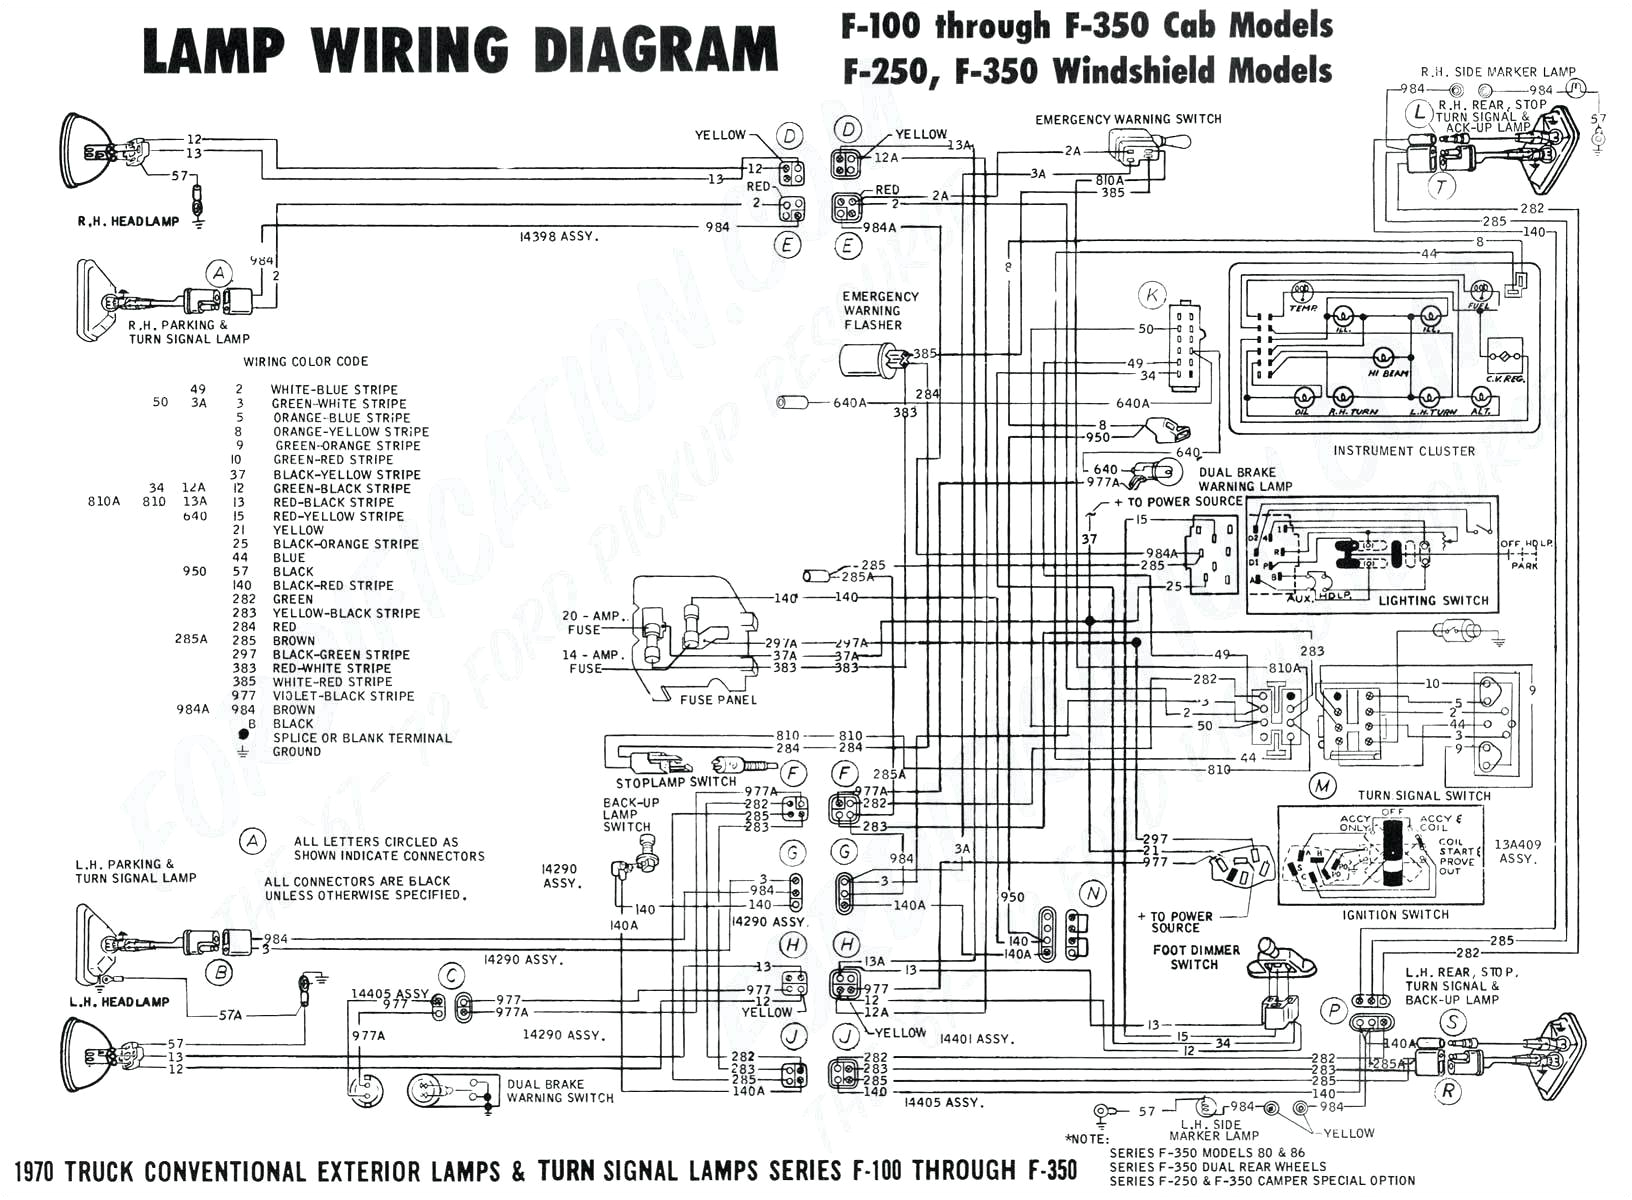 2003 dodge ram 2500 trailer wiring diagram thread 2005 dodge ram wiring diagram wire center u2022 rh inspeere co 1c jpg